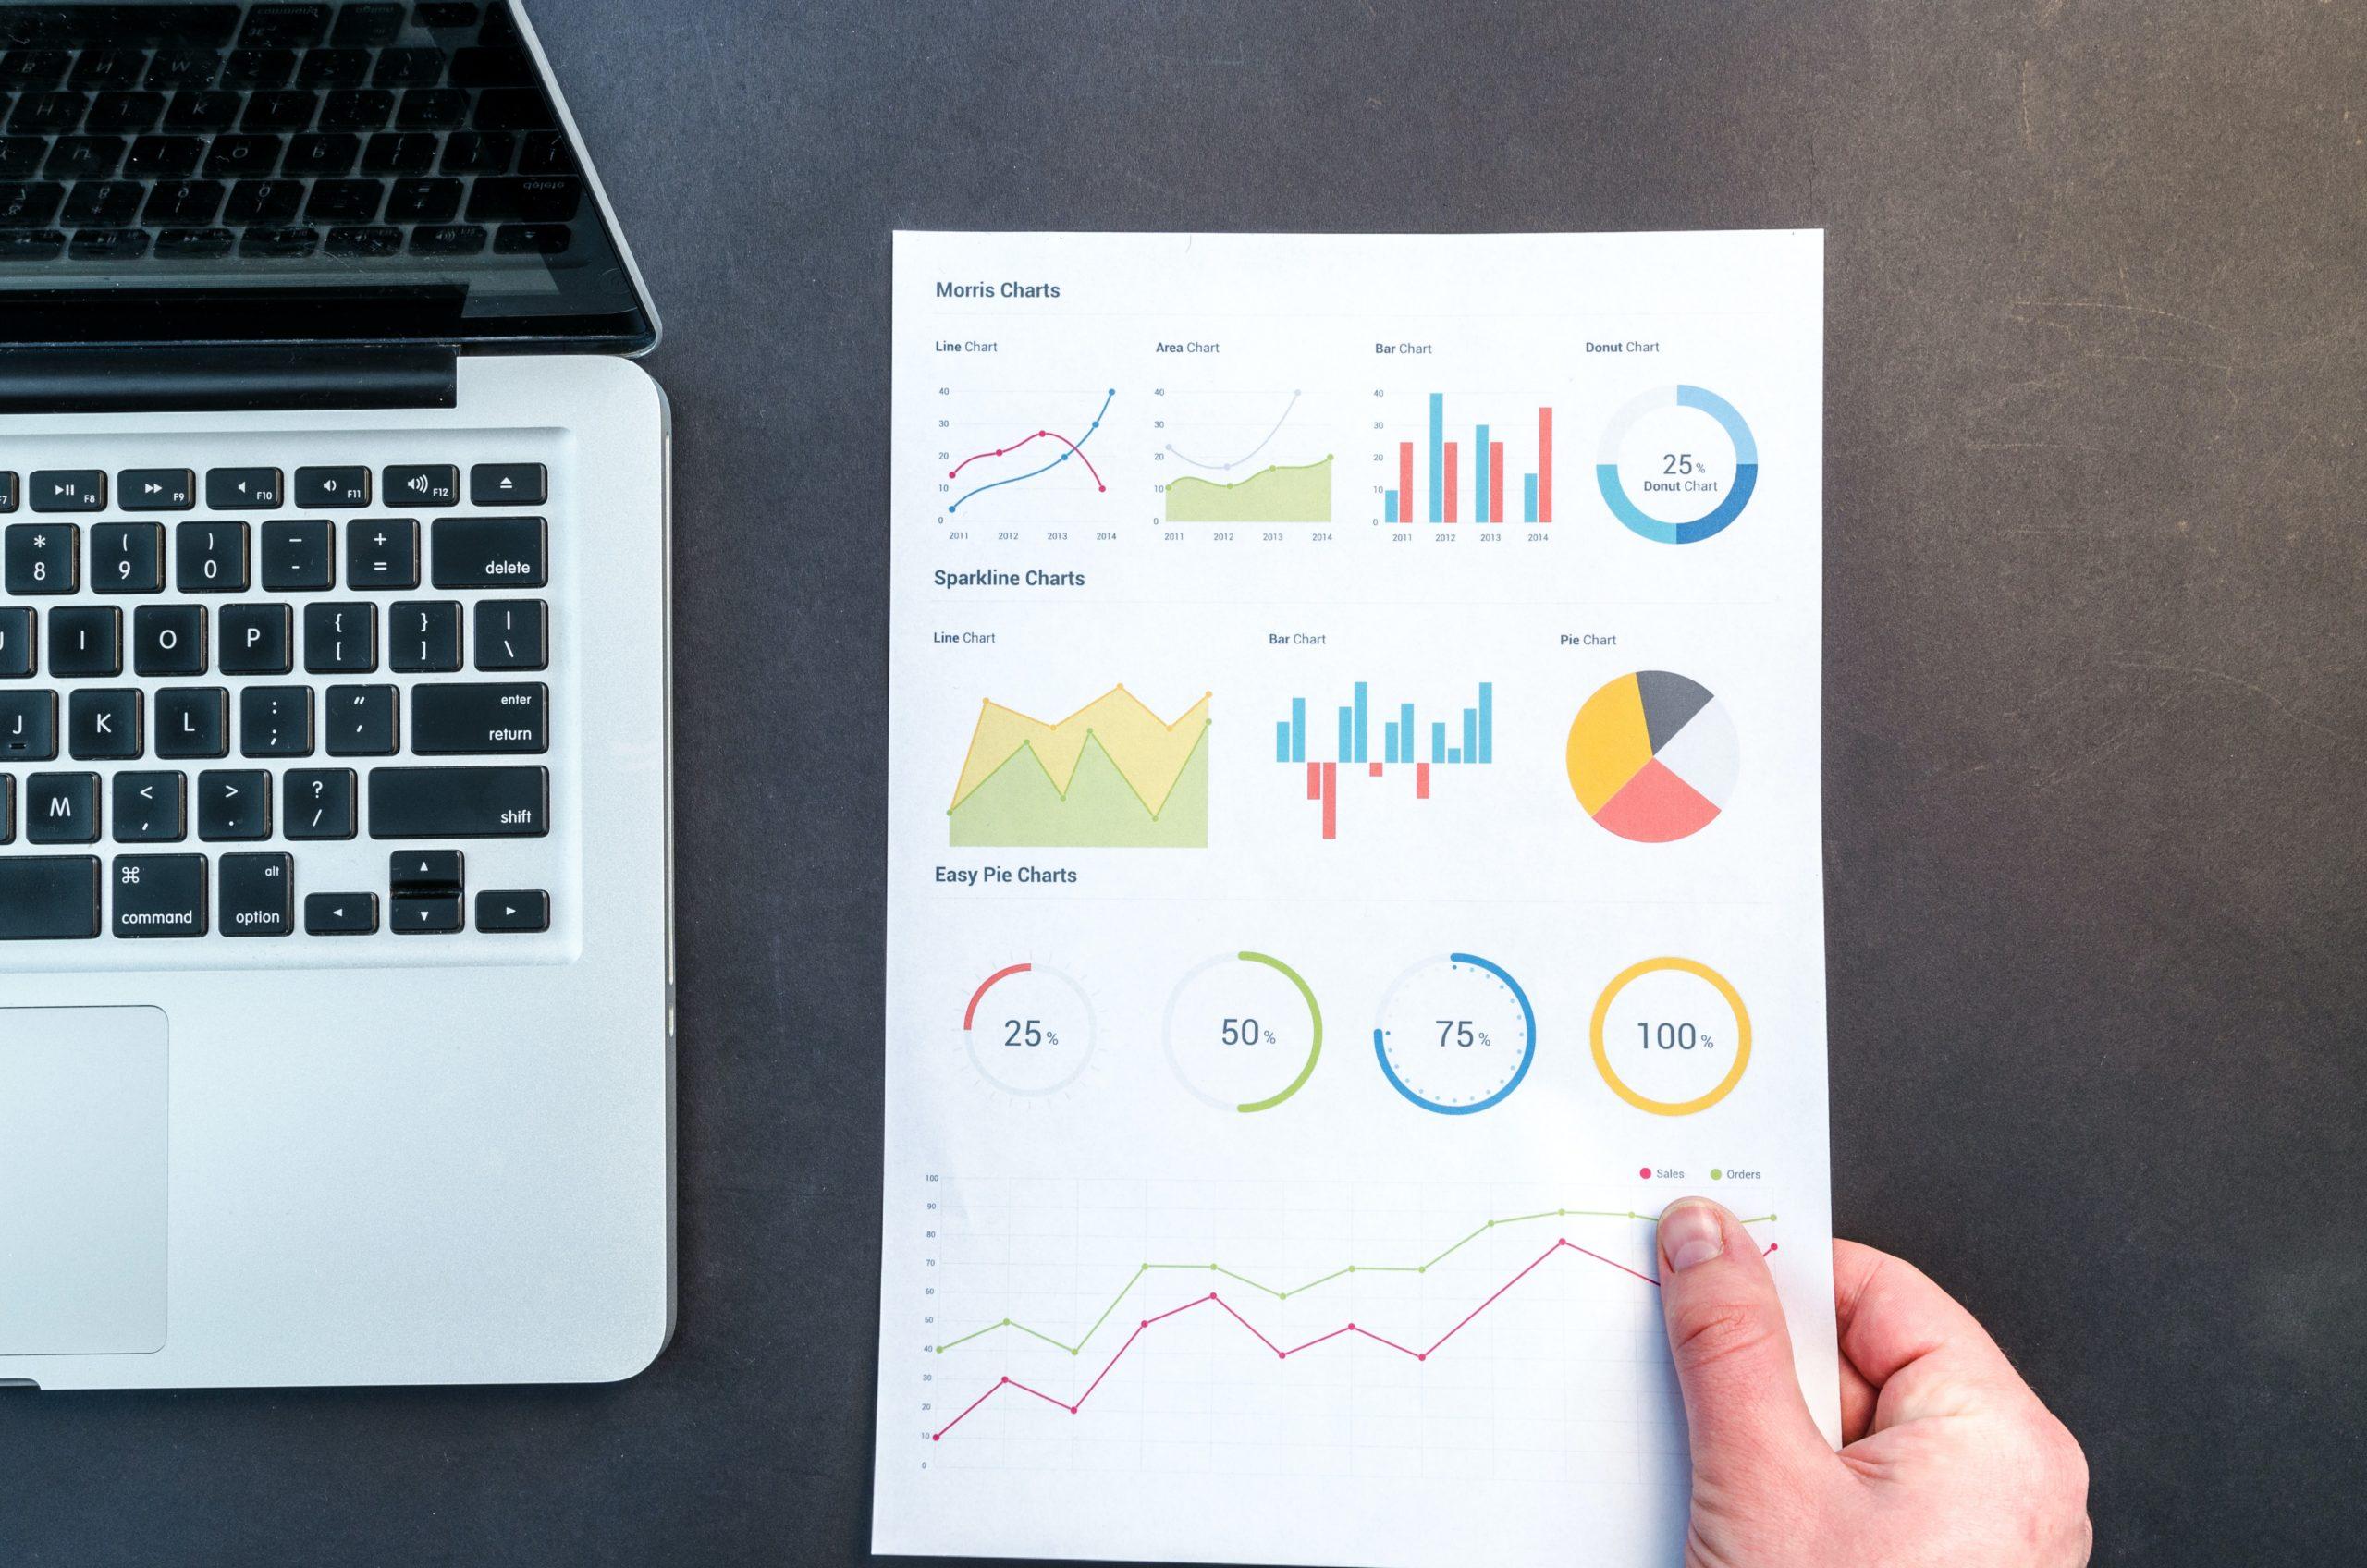 Suivi-et-analyse-redaction-web-kpis-suivre-les-statistiques-affluence-digitale-texte-seo